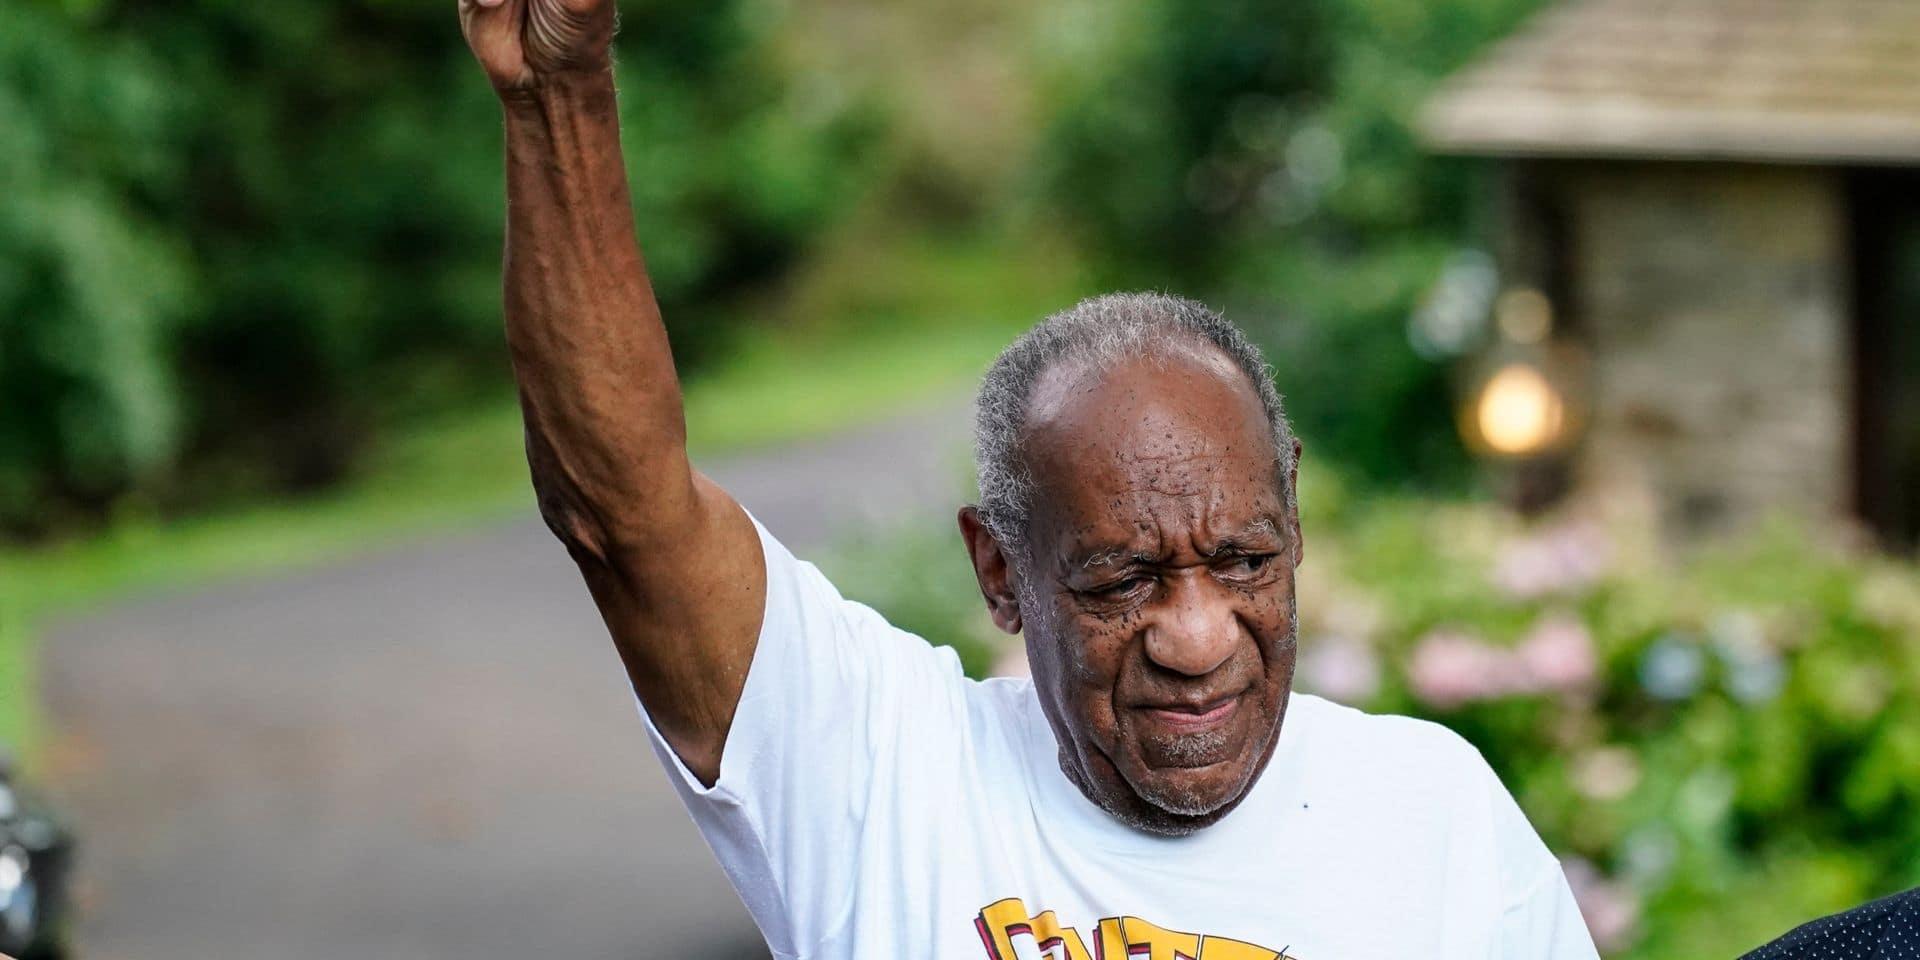 """""""J'ai le cœur brisé"""", """"Un coup de poing à l'estomac"""", """"Plus de 50 femmes l'ont accusé"""": les réactions à l'annulation de la condamnation de Bill Cosby"""